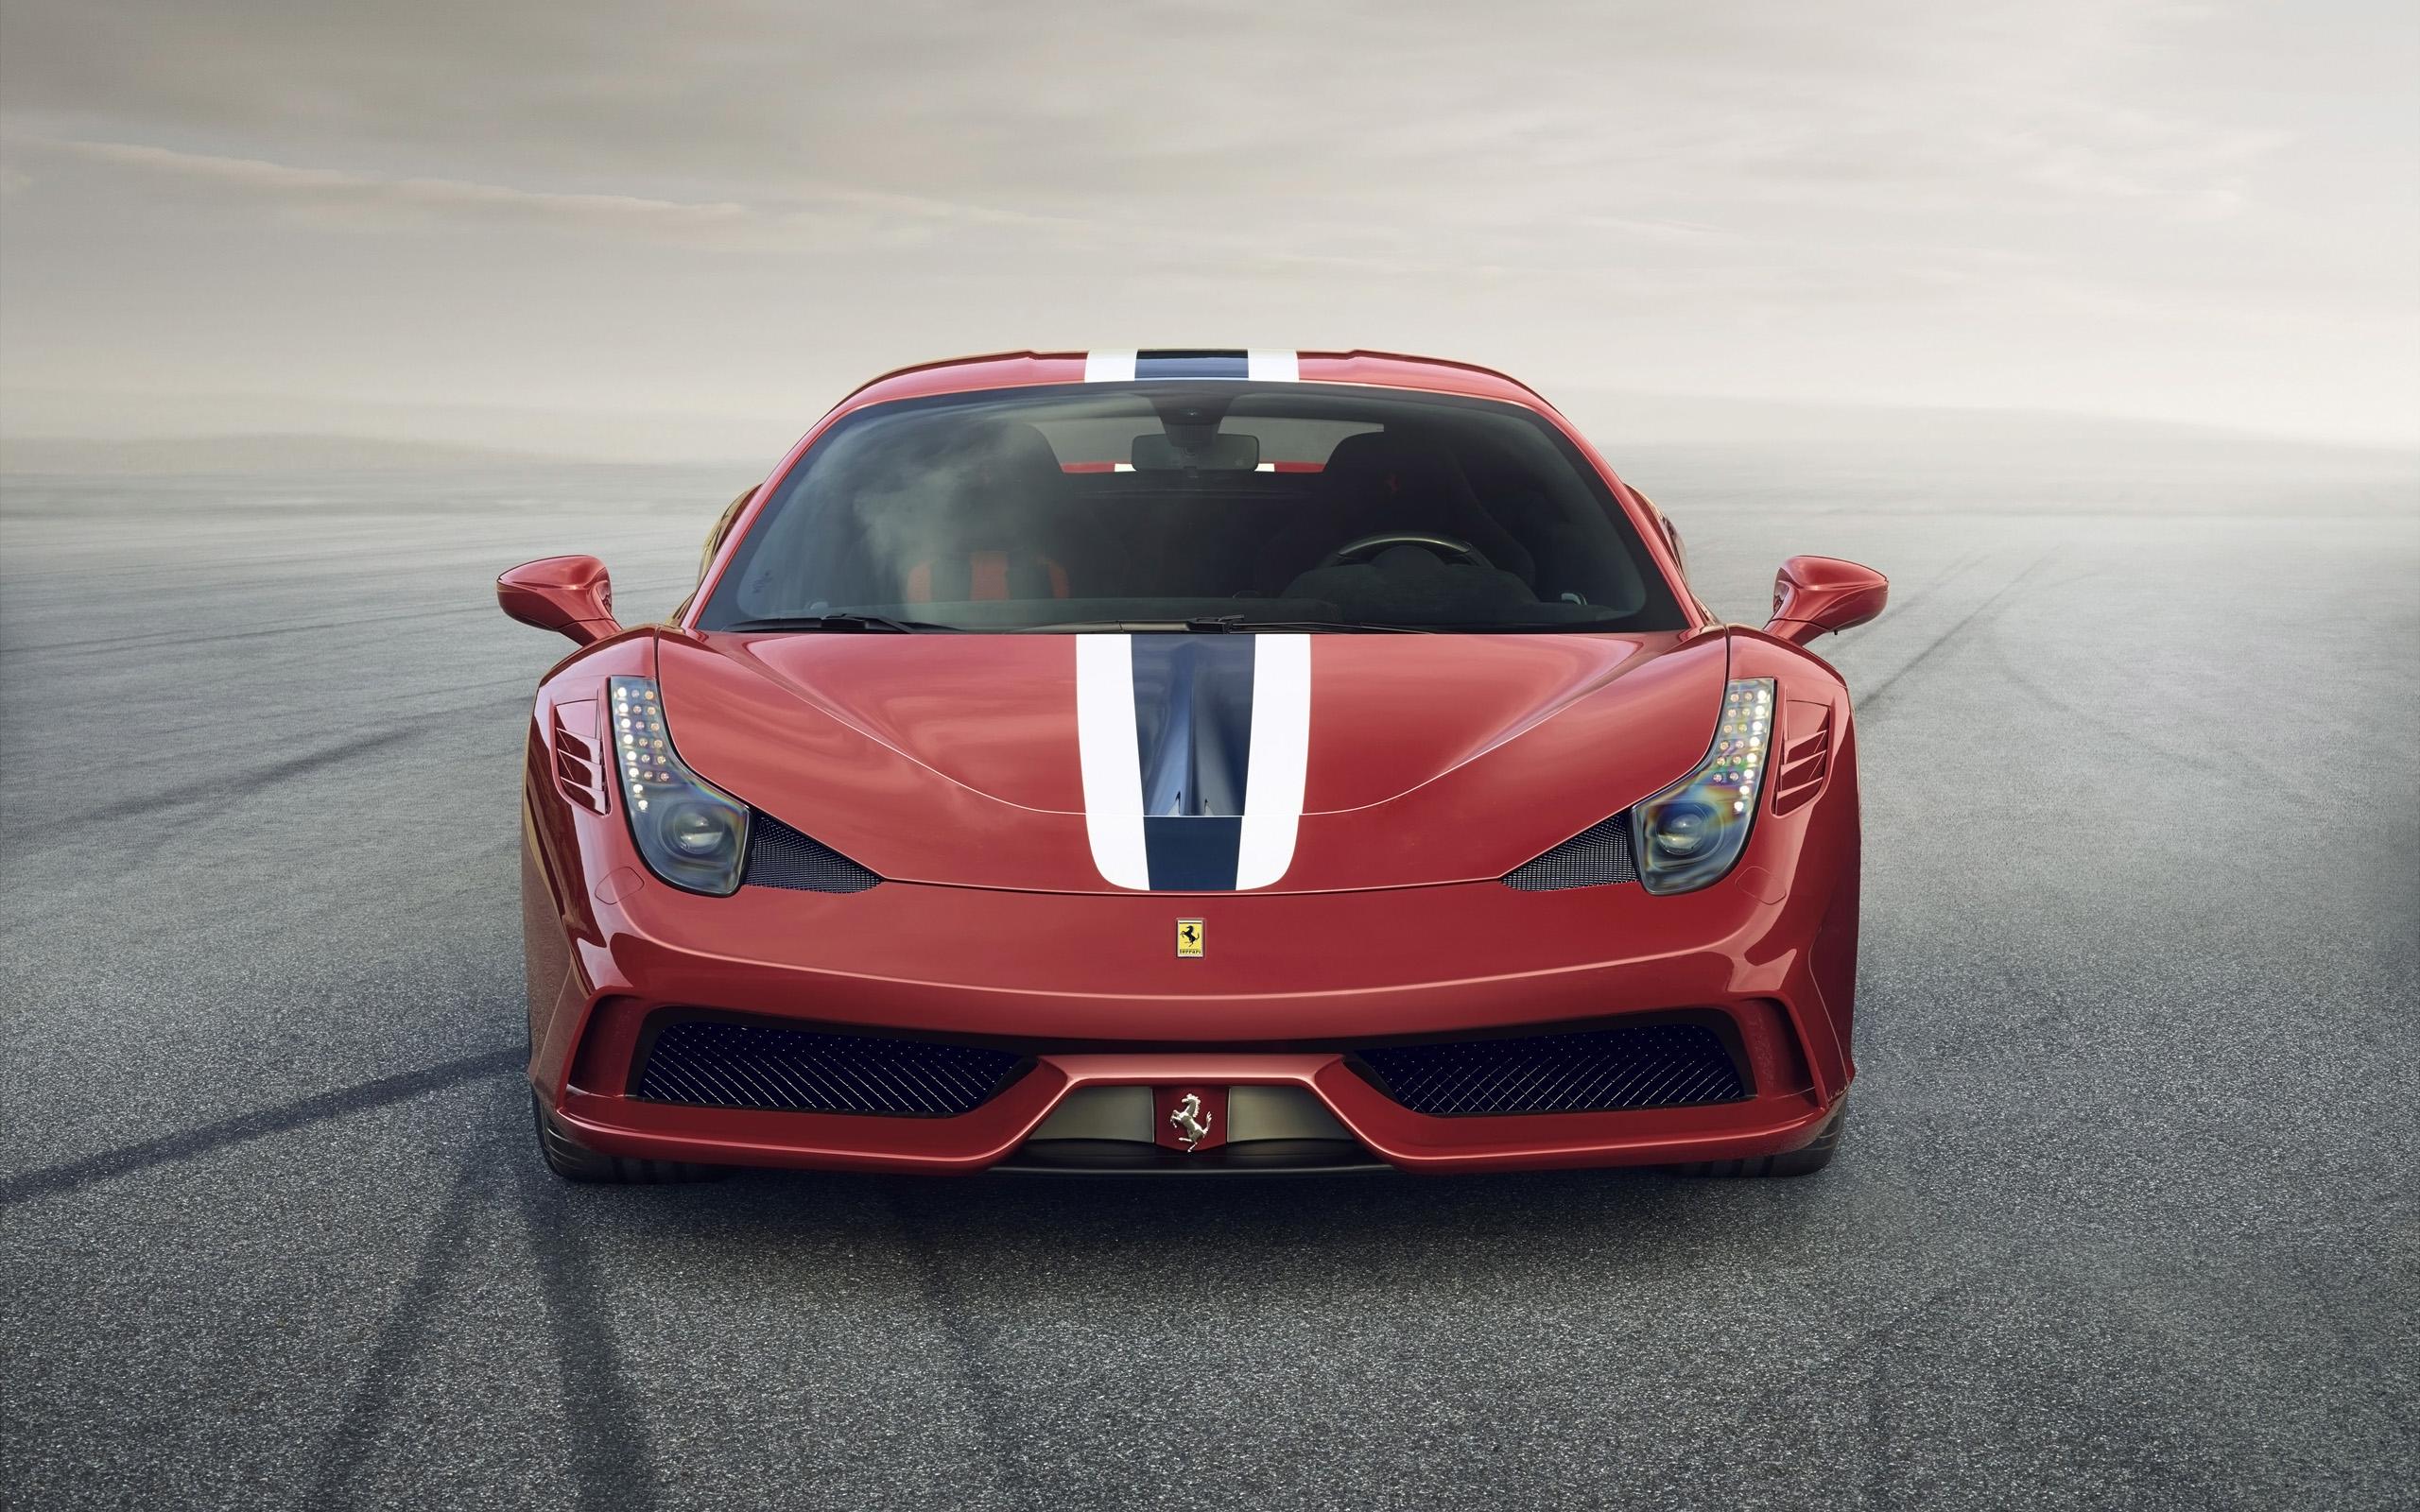 2014 Ferrari 458 Speciale 3 Wallpaper Hd Car Wallpapers Id 3642